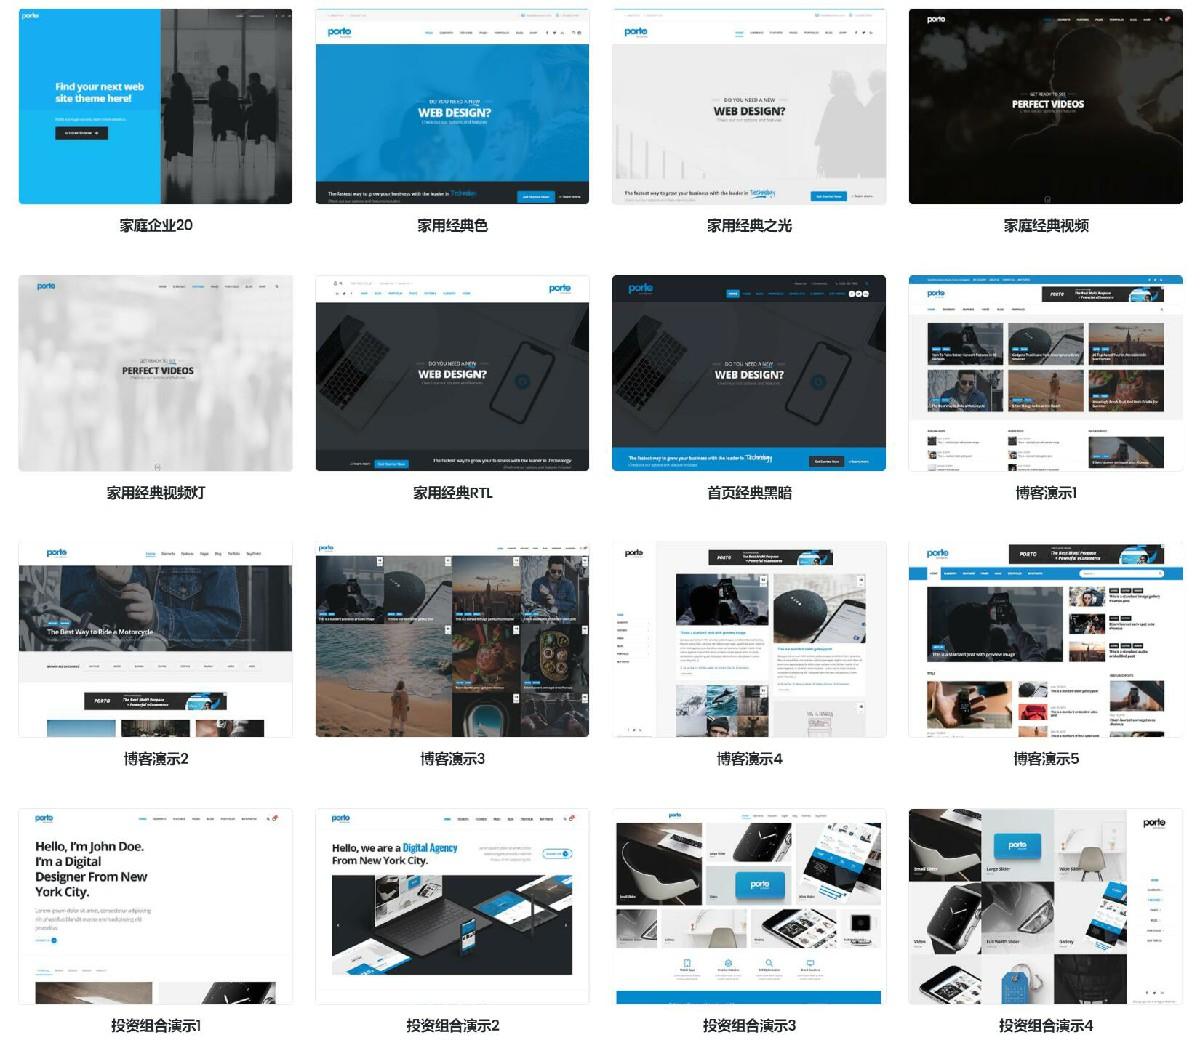 跨境电商网站模板 外贸商城企业网站wordpress主题 Porto V5.5.1中文汉化升级版插图6